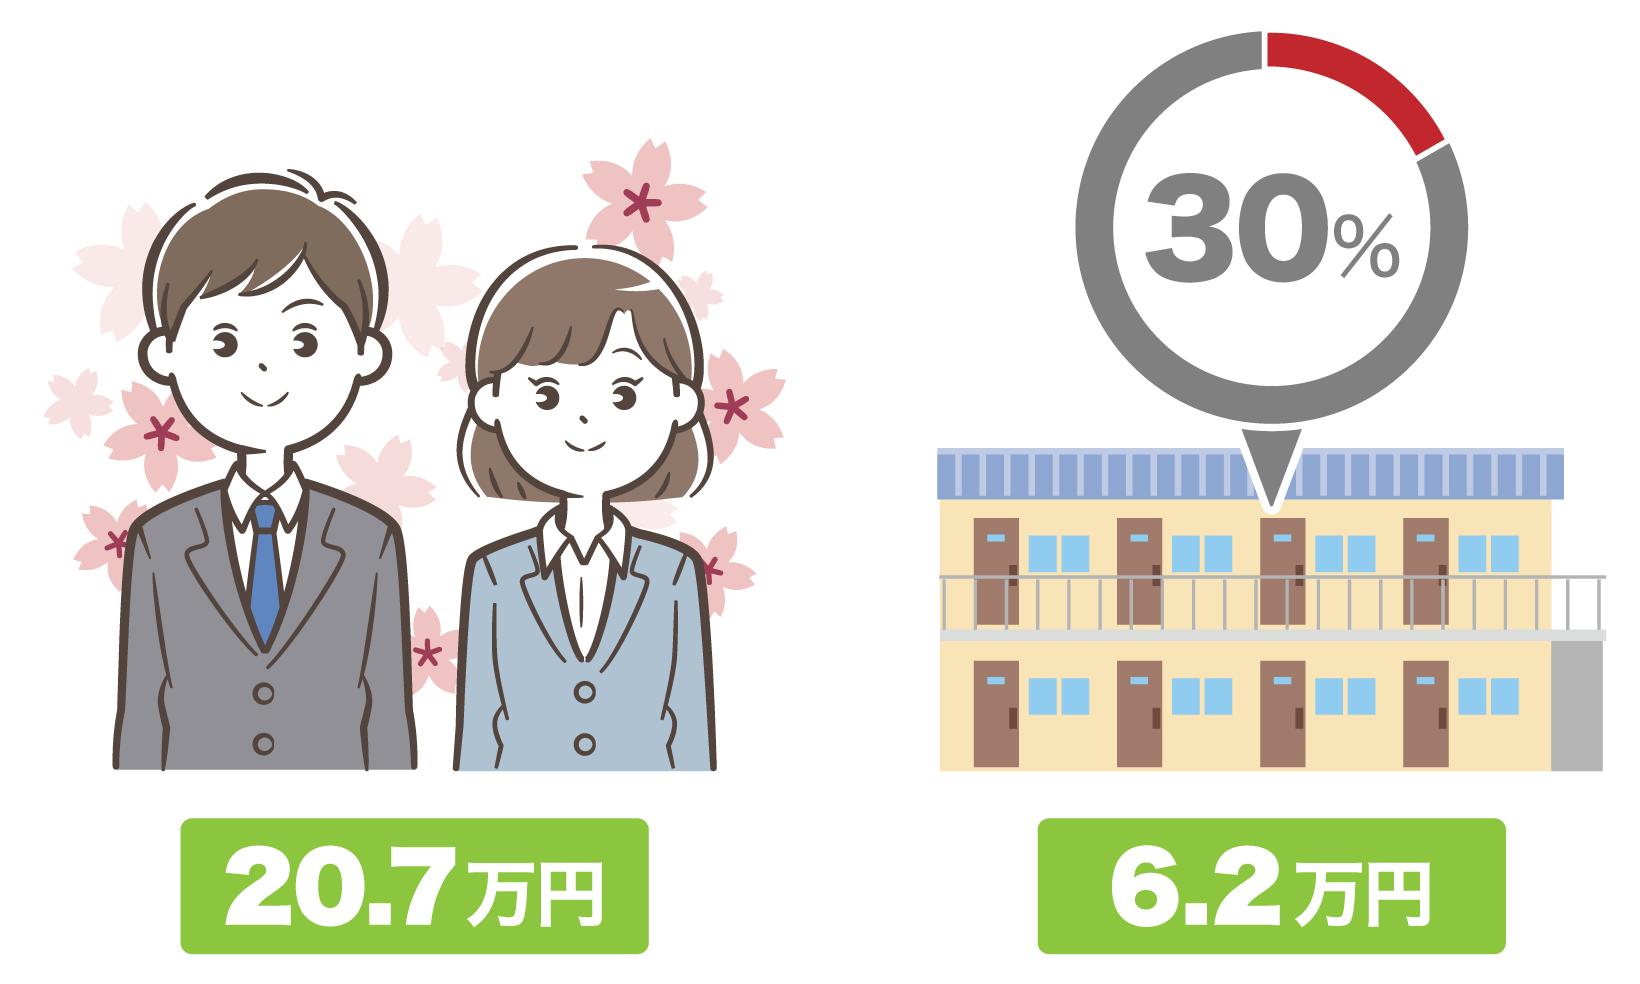 大卒の初任給20.7万円を基にすると、家賃の目安は6.2万円となる